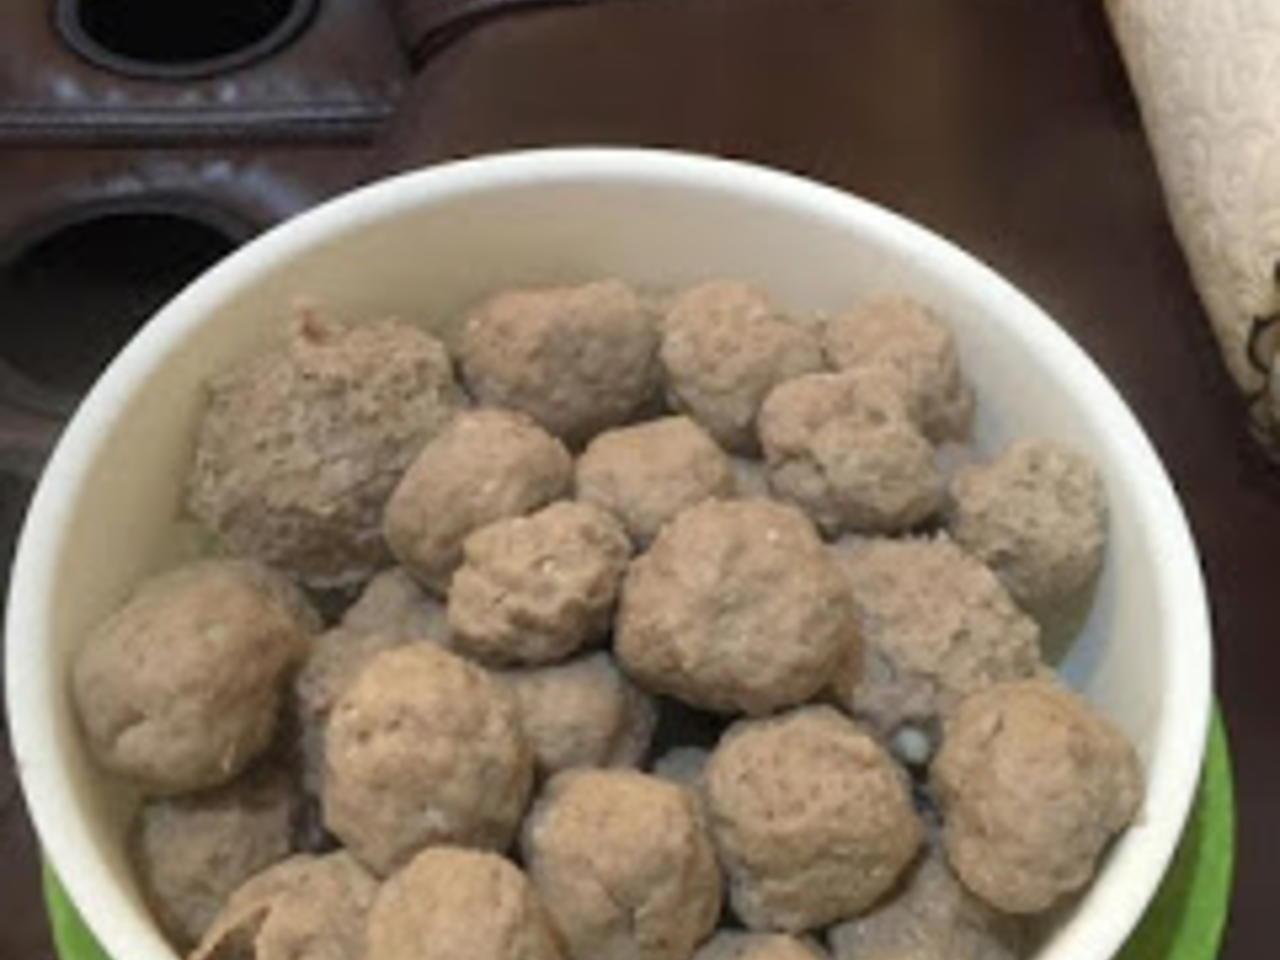 resep bakso daging sapi giling